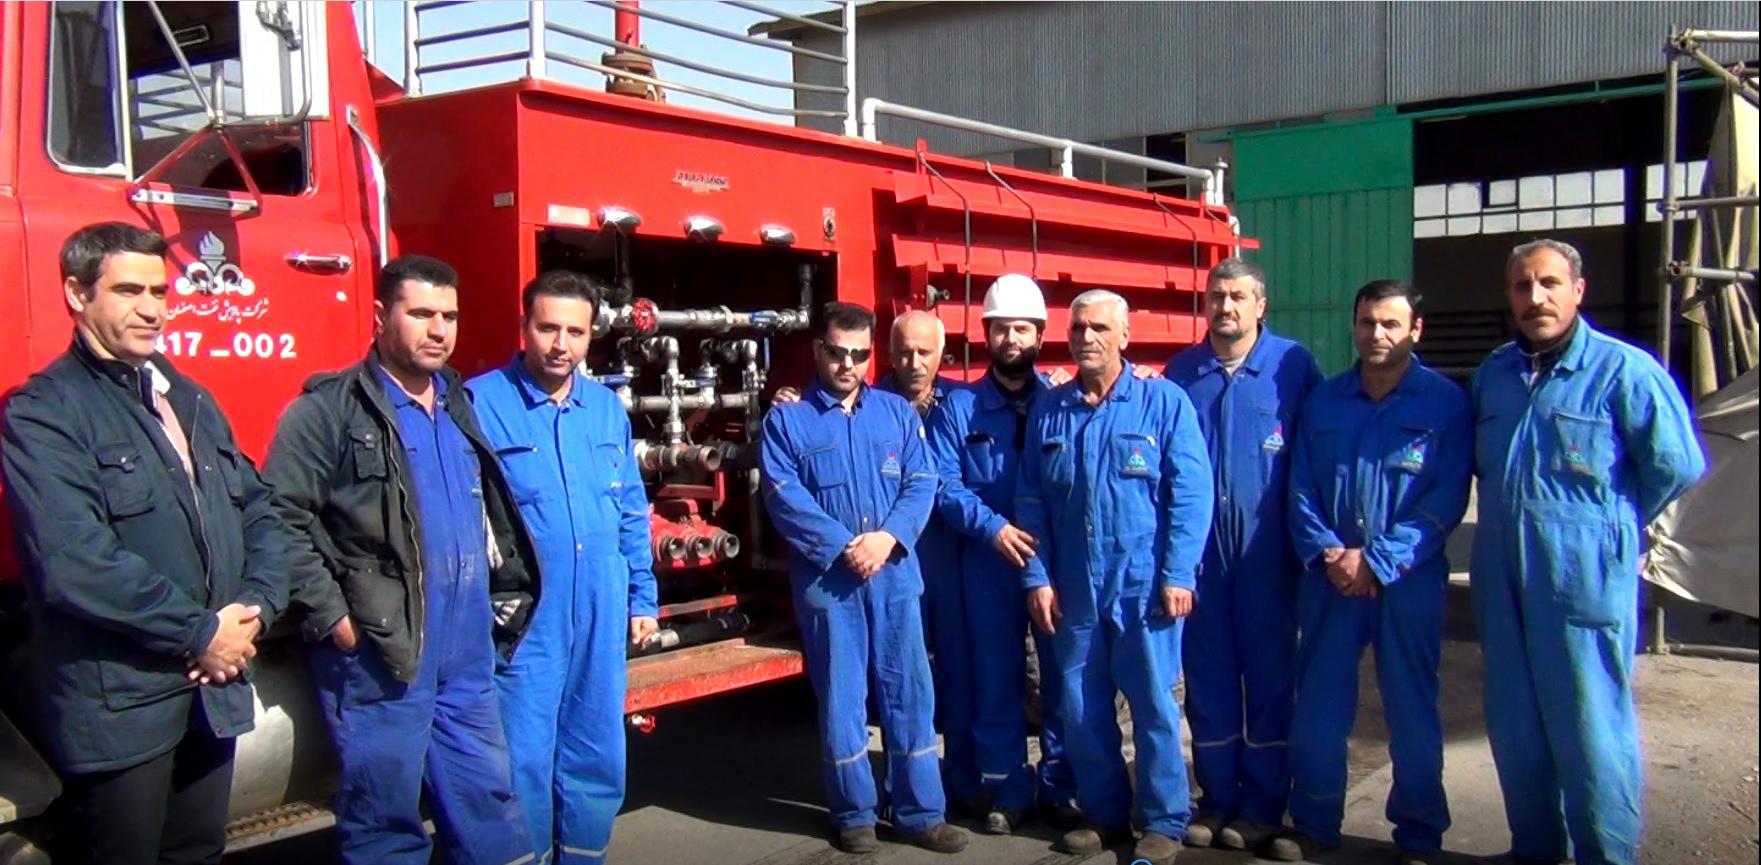 تصویر خودرو کف ساز آتش نشانی شرکت پالایش نفت اصفهان بازسازی شد